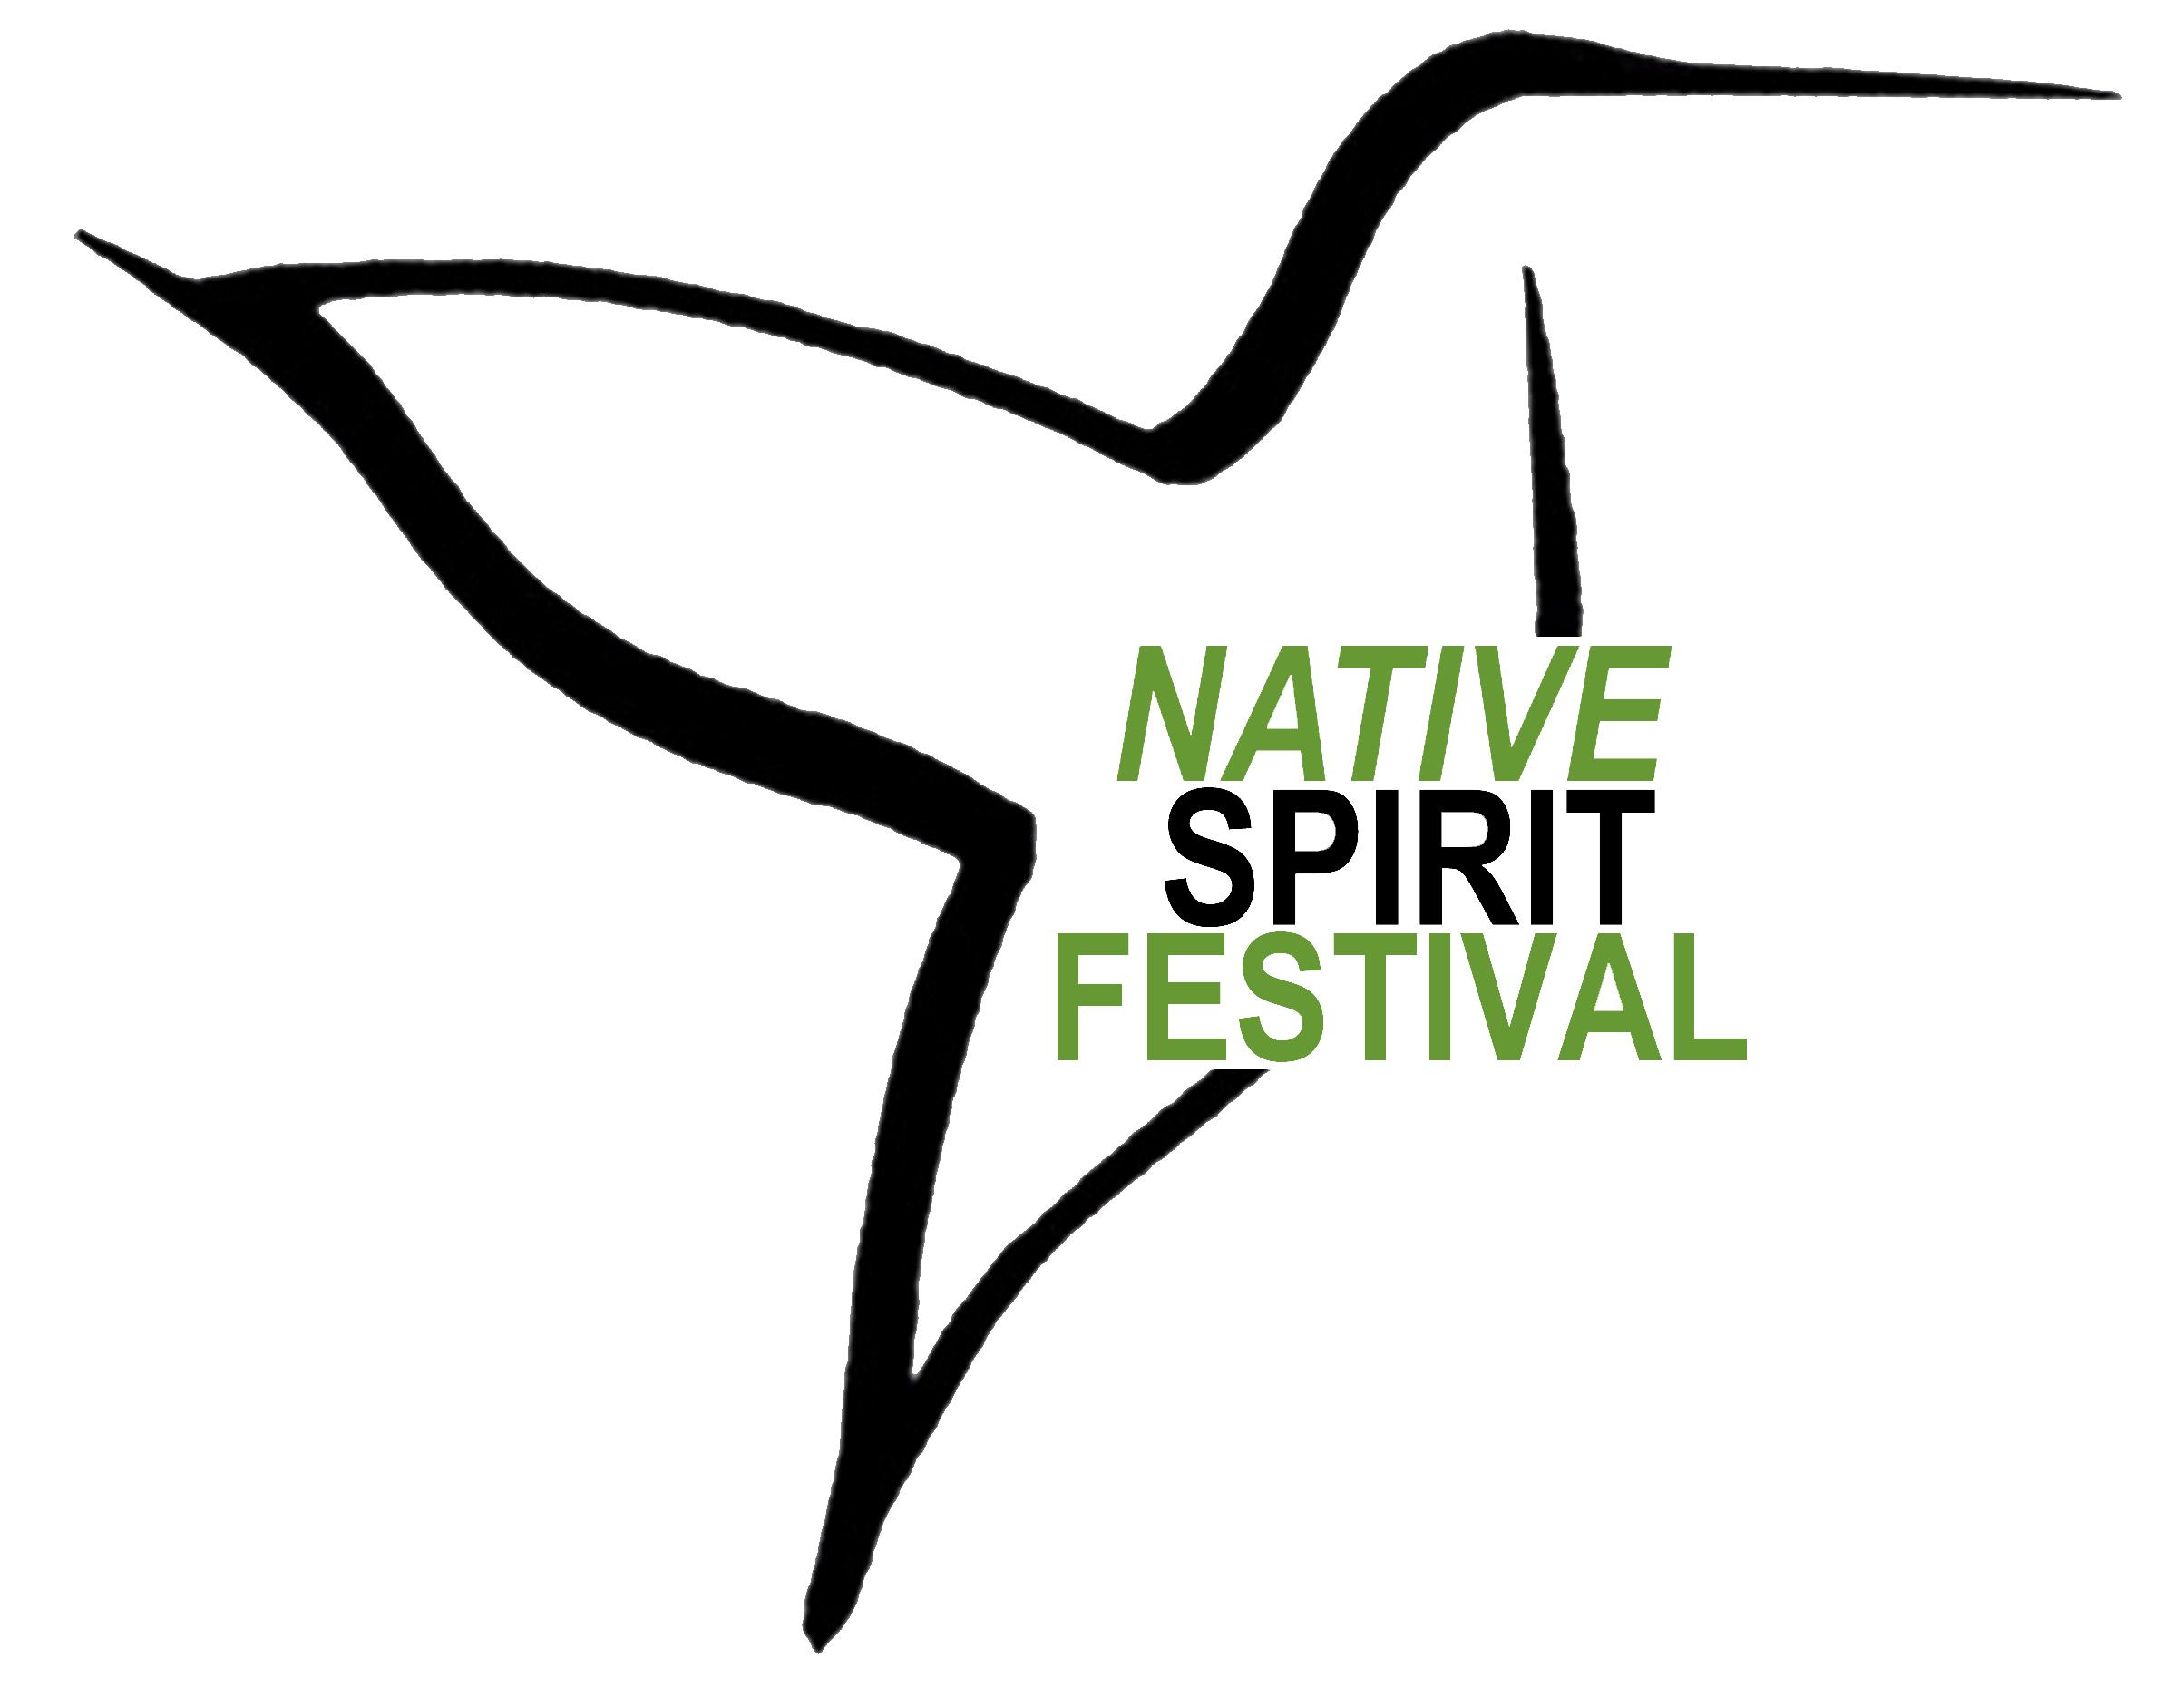 Native Spirit Festival_lo res.jpg